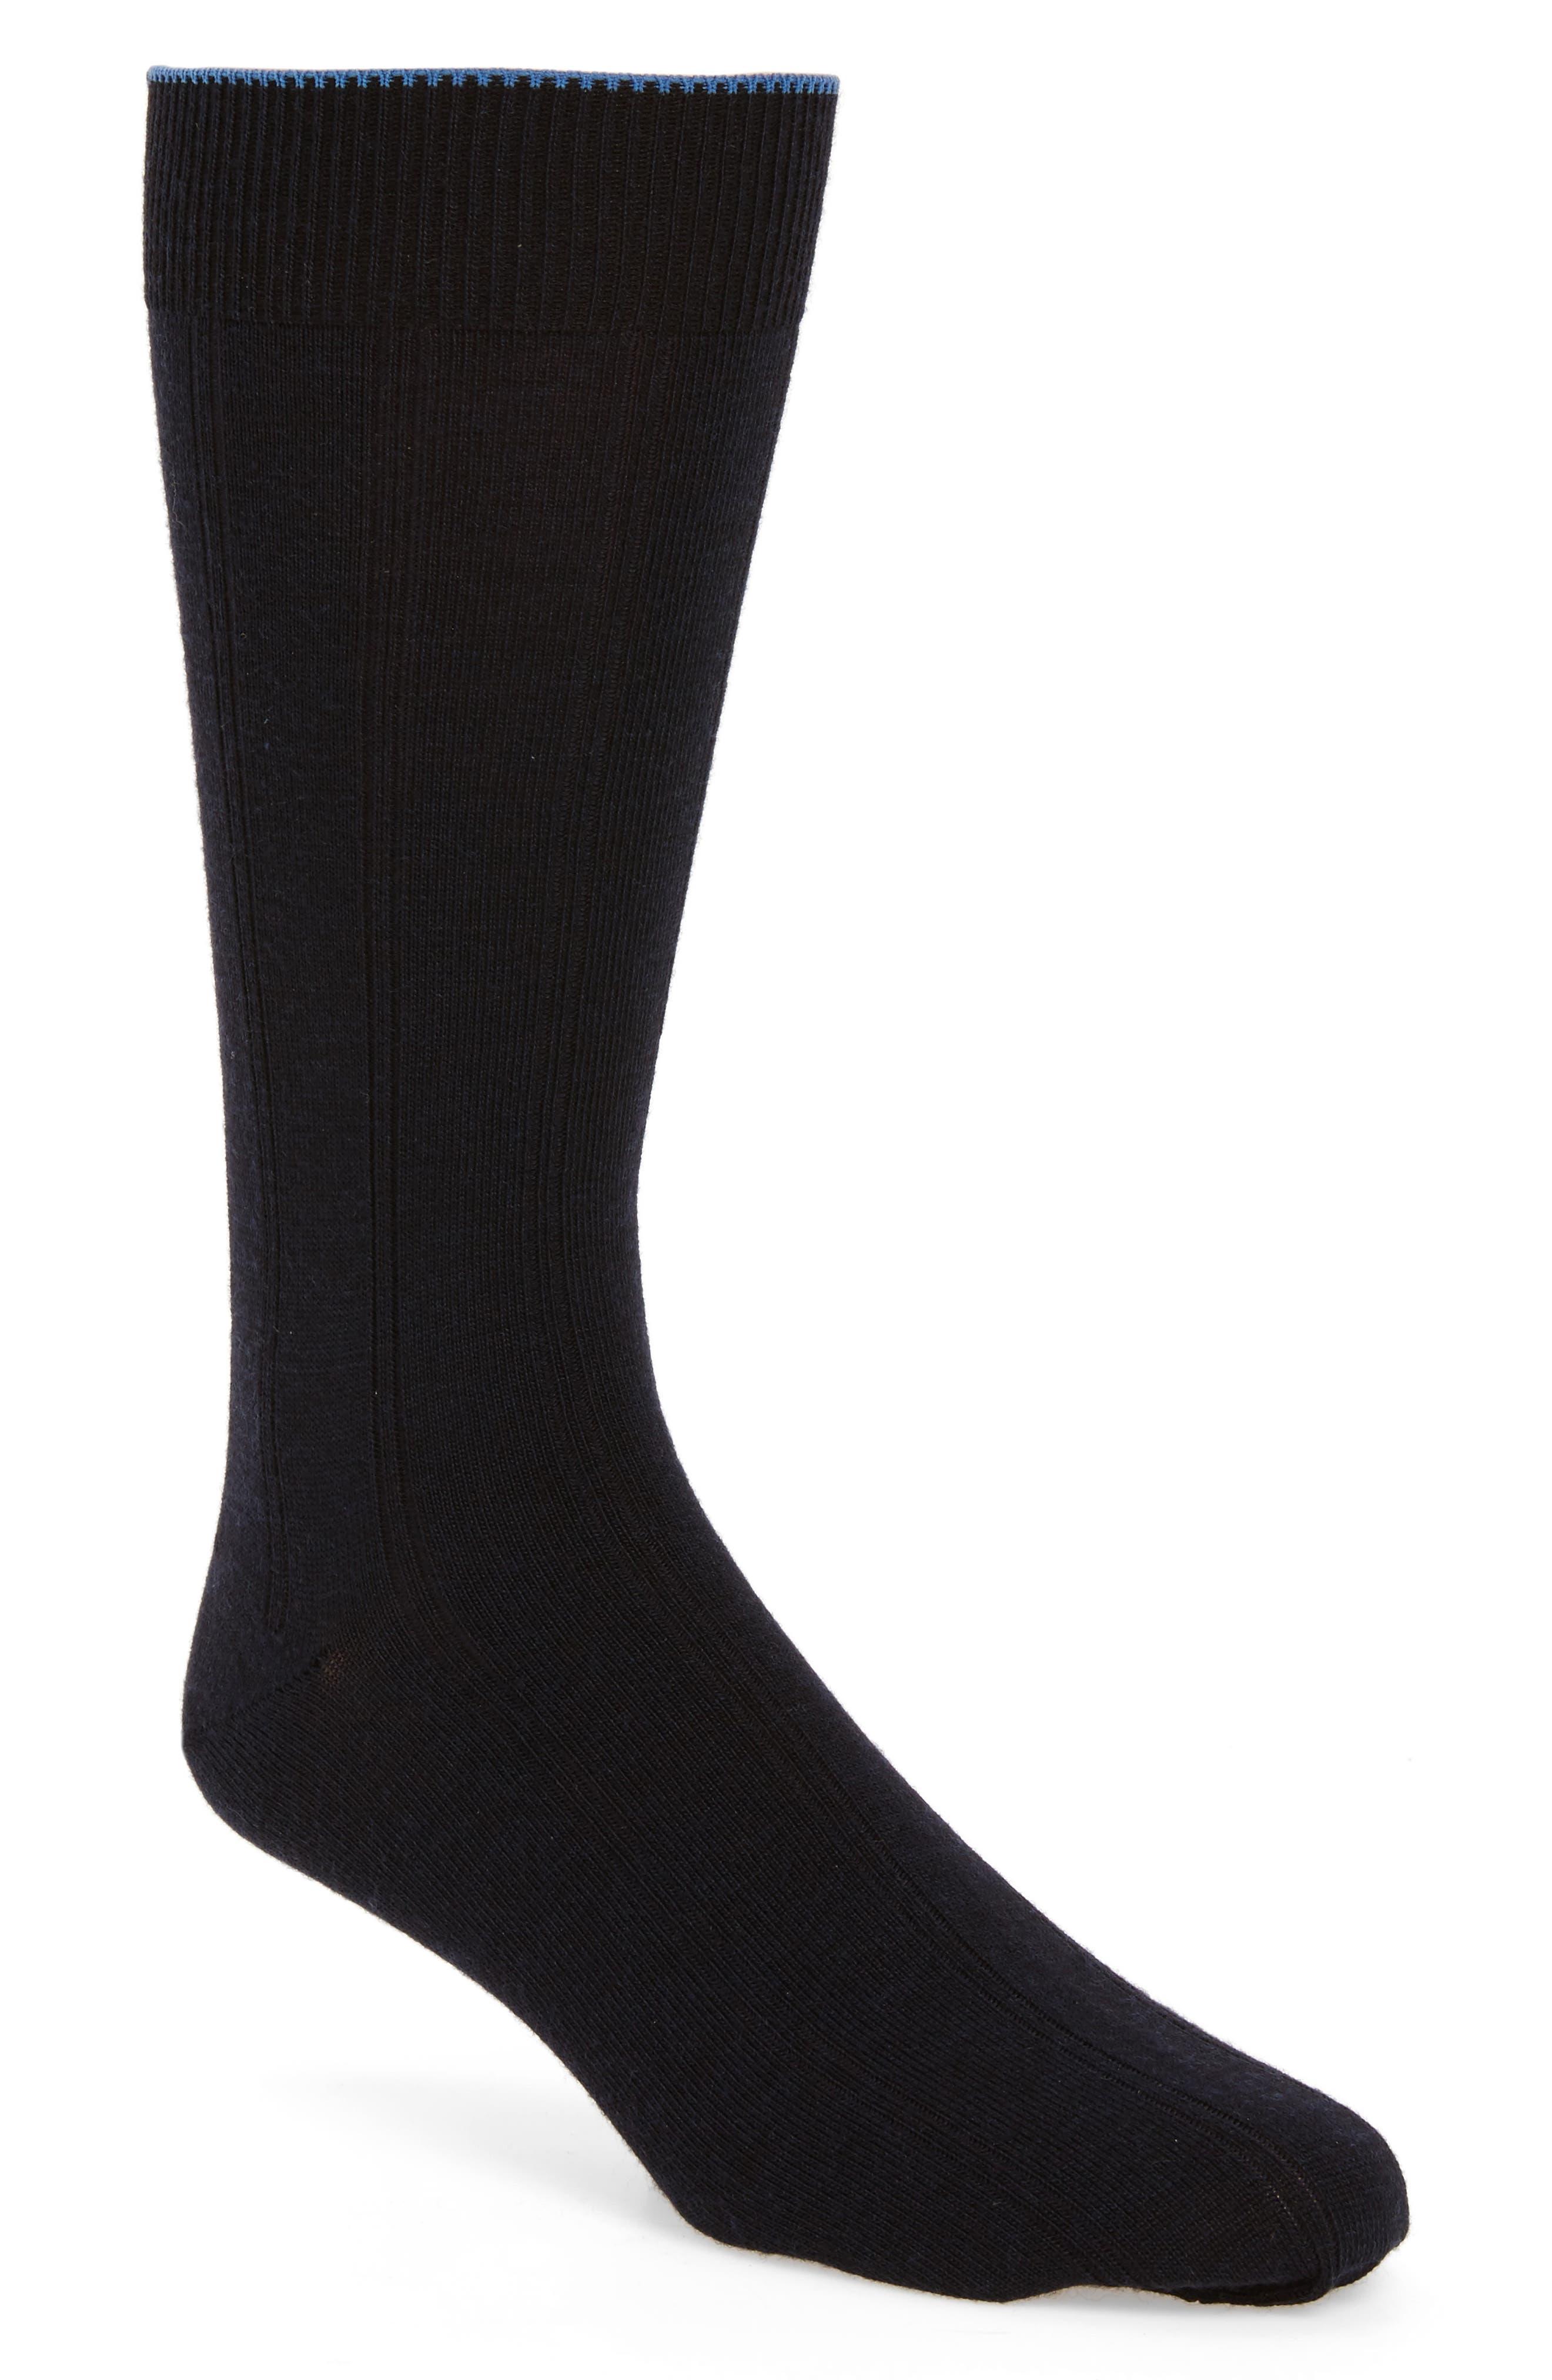 Nordstrom Mens Shop Rib Wool Blend Socks (Men) (3 for $30)